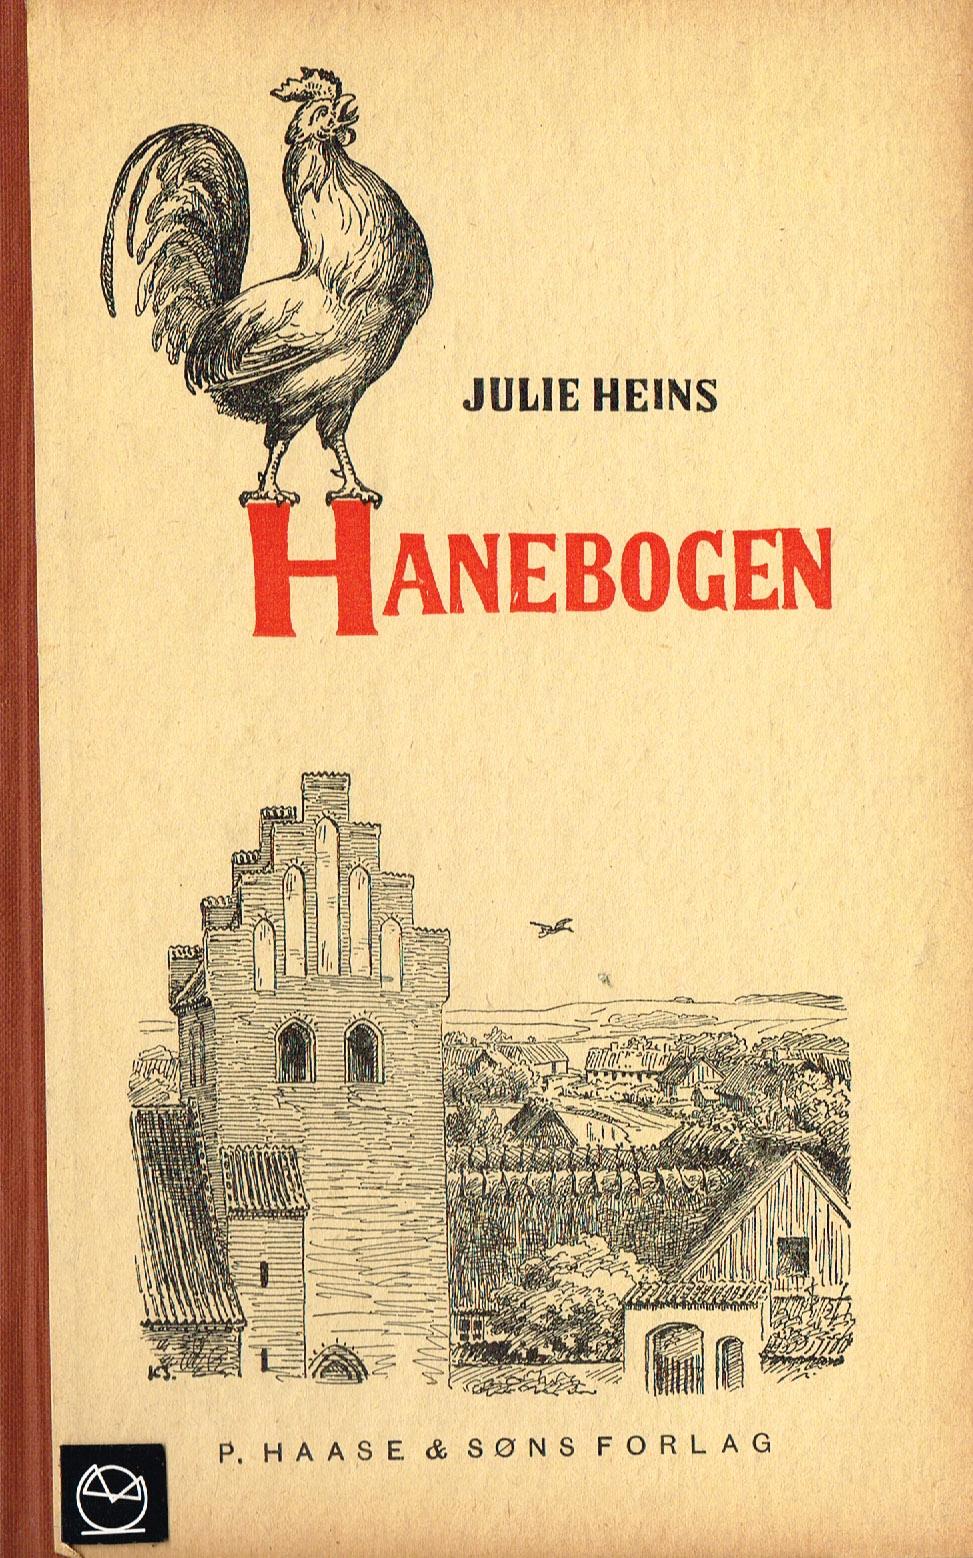 Julie Heins Hanebogen a-b-c med billeder skolebog 1932